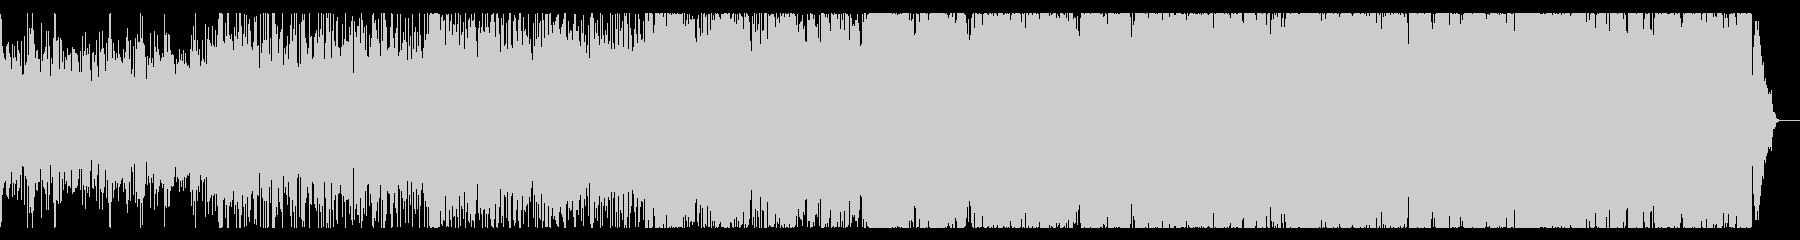 不思議な空間のアンビエントIDMの未再生の波形